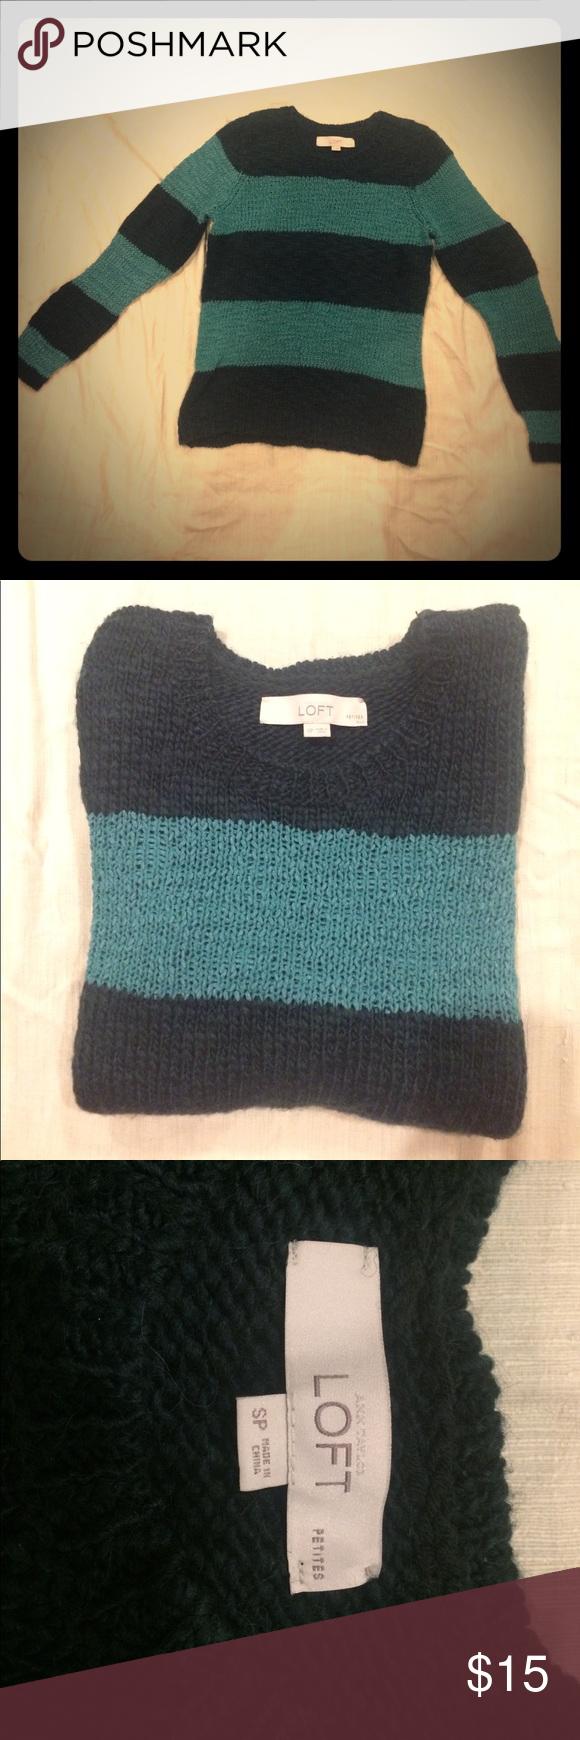 Ann Taylor Loft striped knit sweater Small Petite Dark green